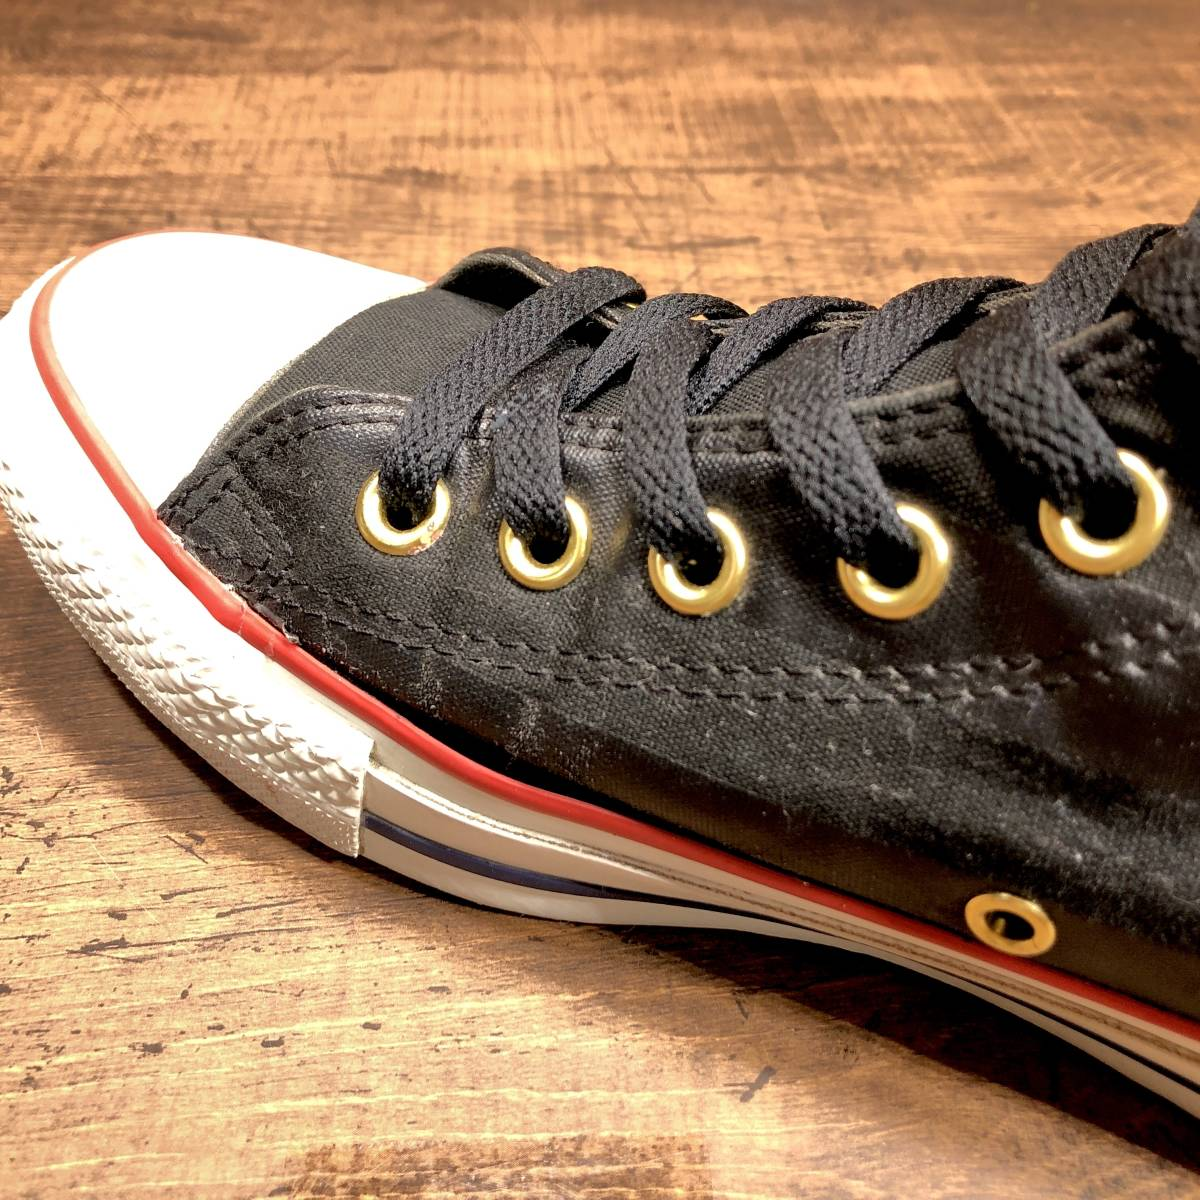 ■CONVERSE ALL STAR■ 26.5cm US8 黒 ブラック コンバース オールスター ハイカットスニーカー サイドジップ メンズ 靴 くつ 8ホール 即決_画像7